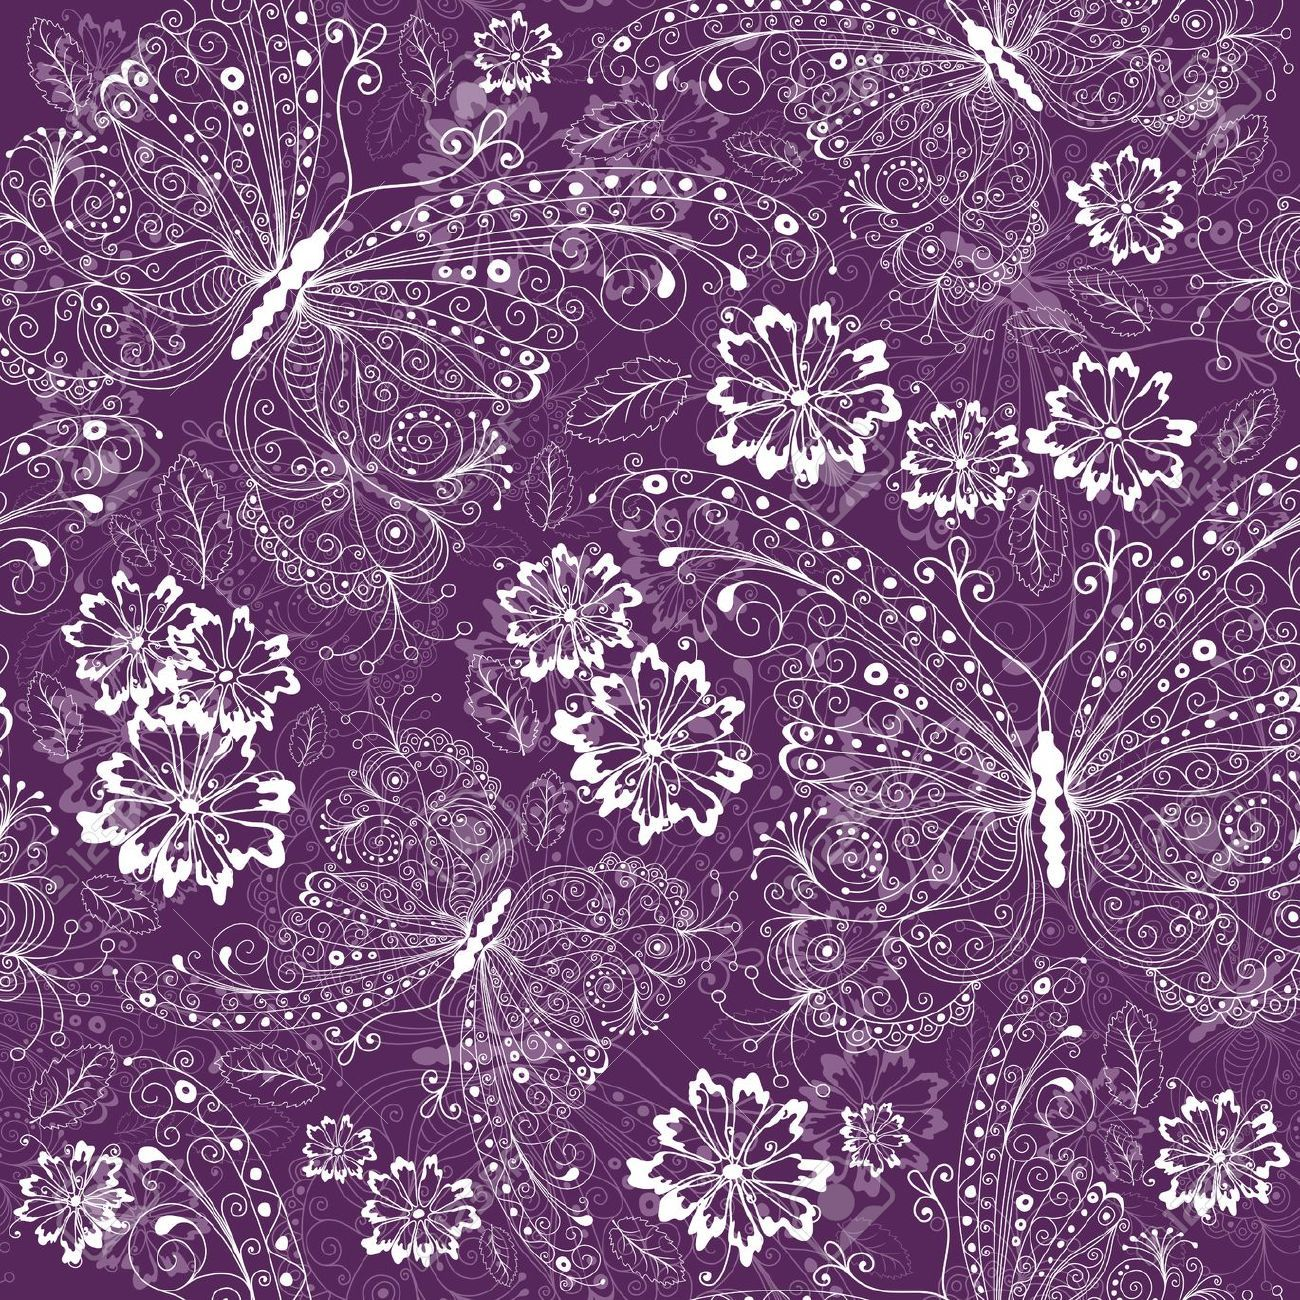 purple flower pattern wallpaper 4DE